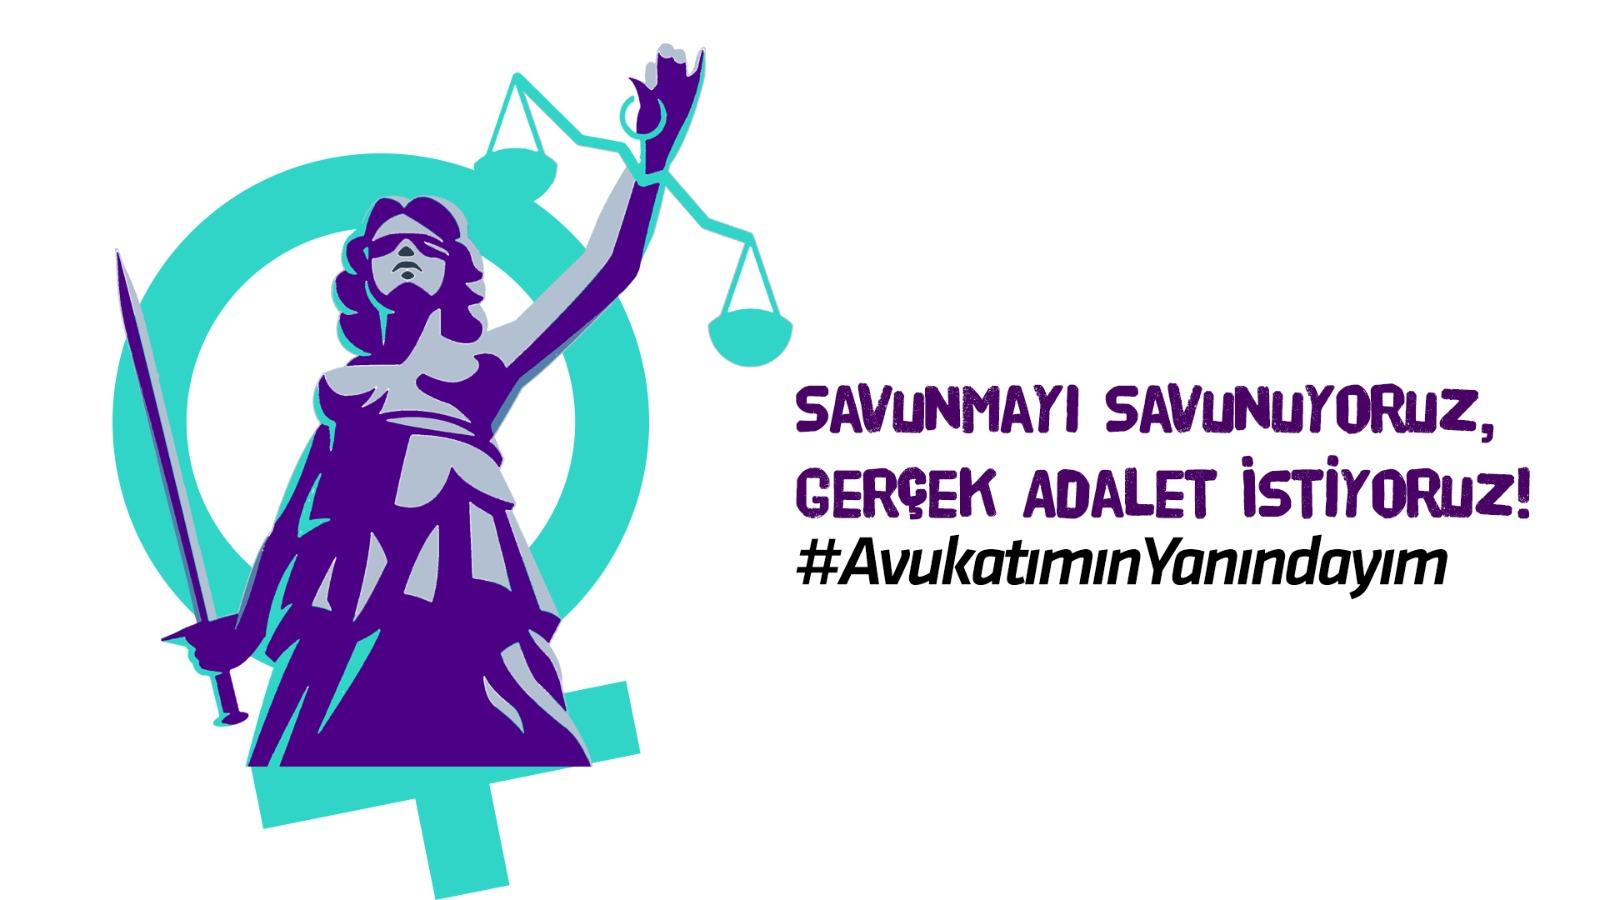 Savunmayı Savunuyoruz, Gerçek Adalet İstiyoruz! #AvukatımınYanındayım